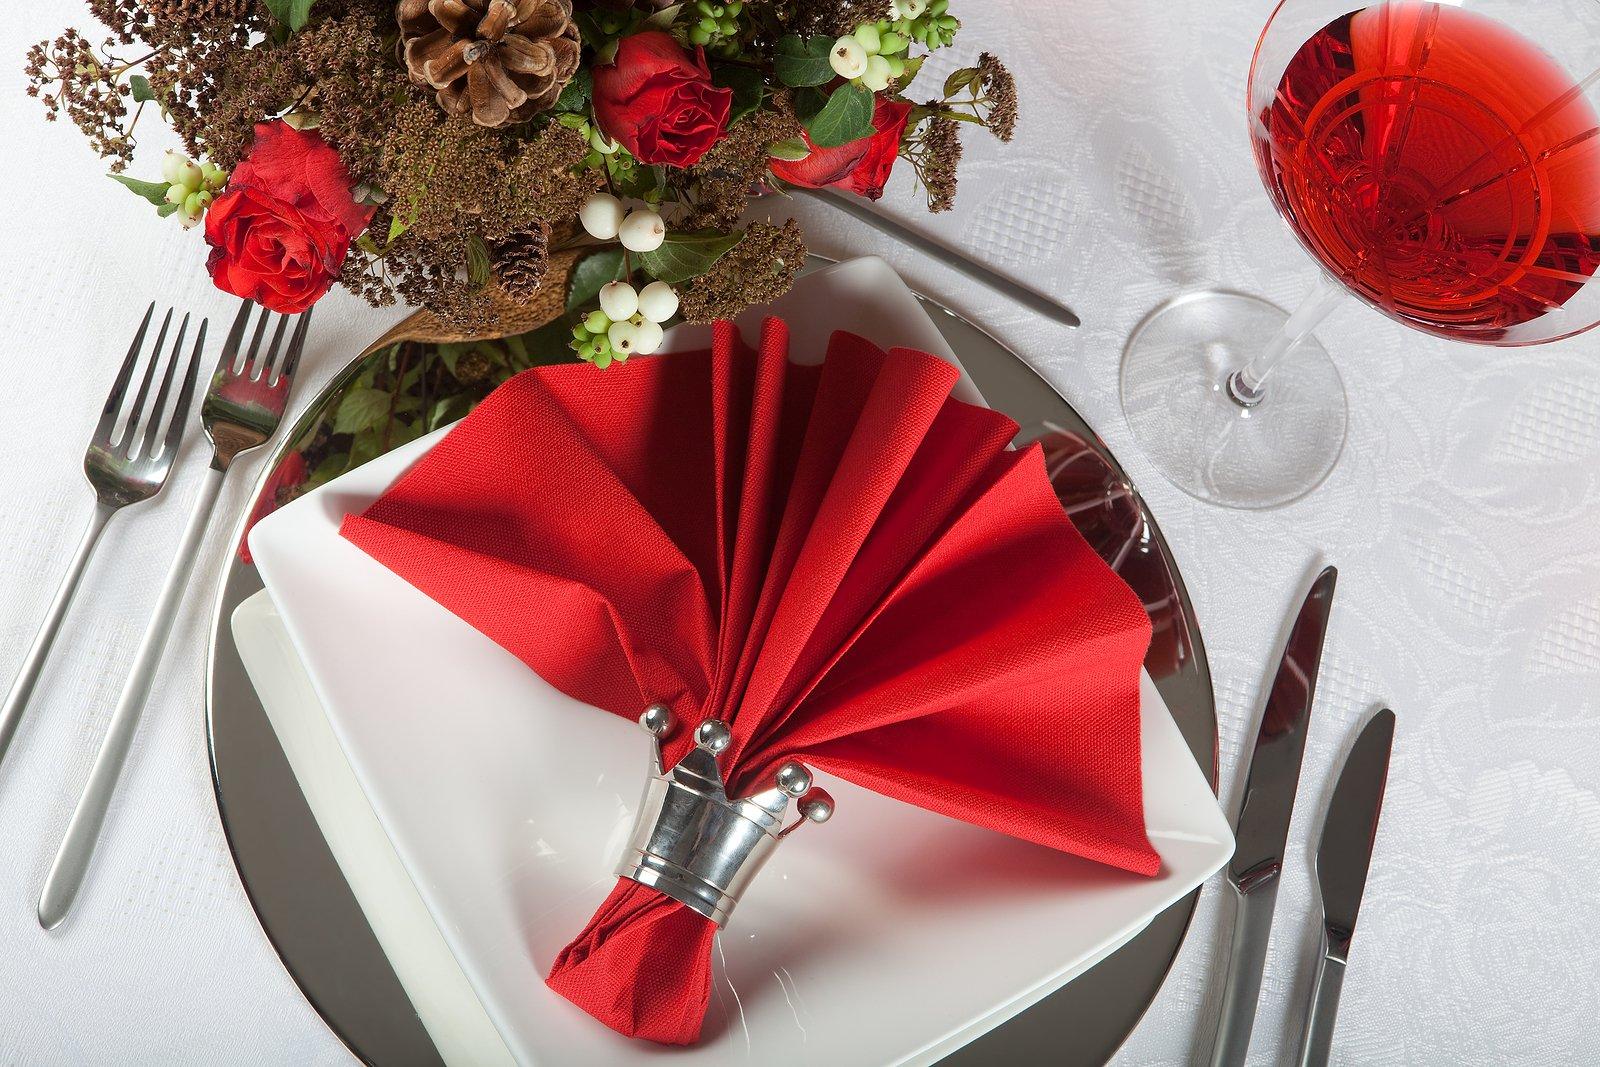 Фото салфетки на столе